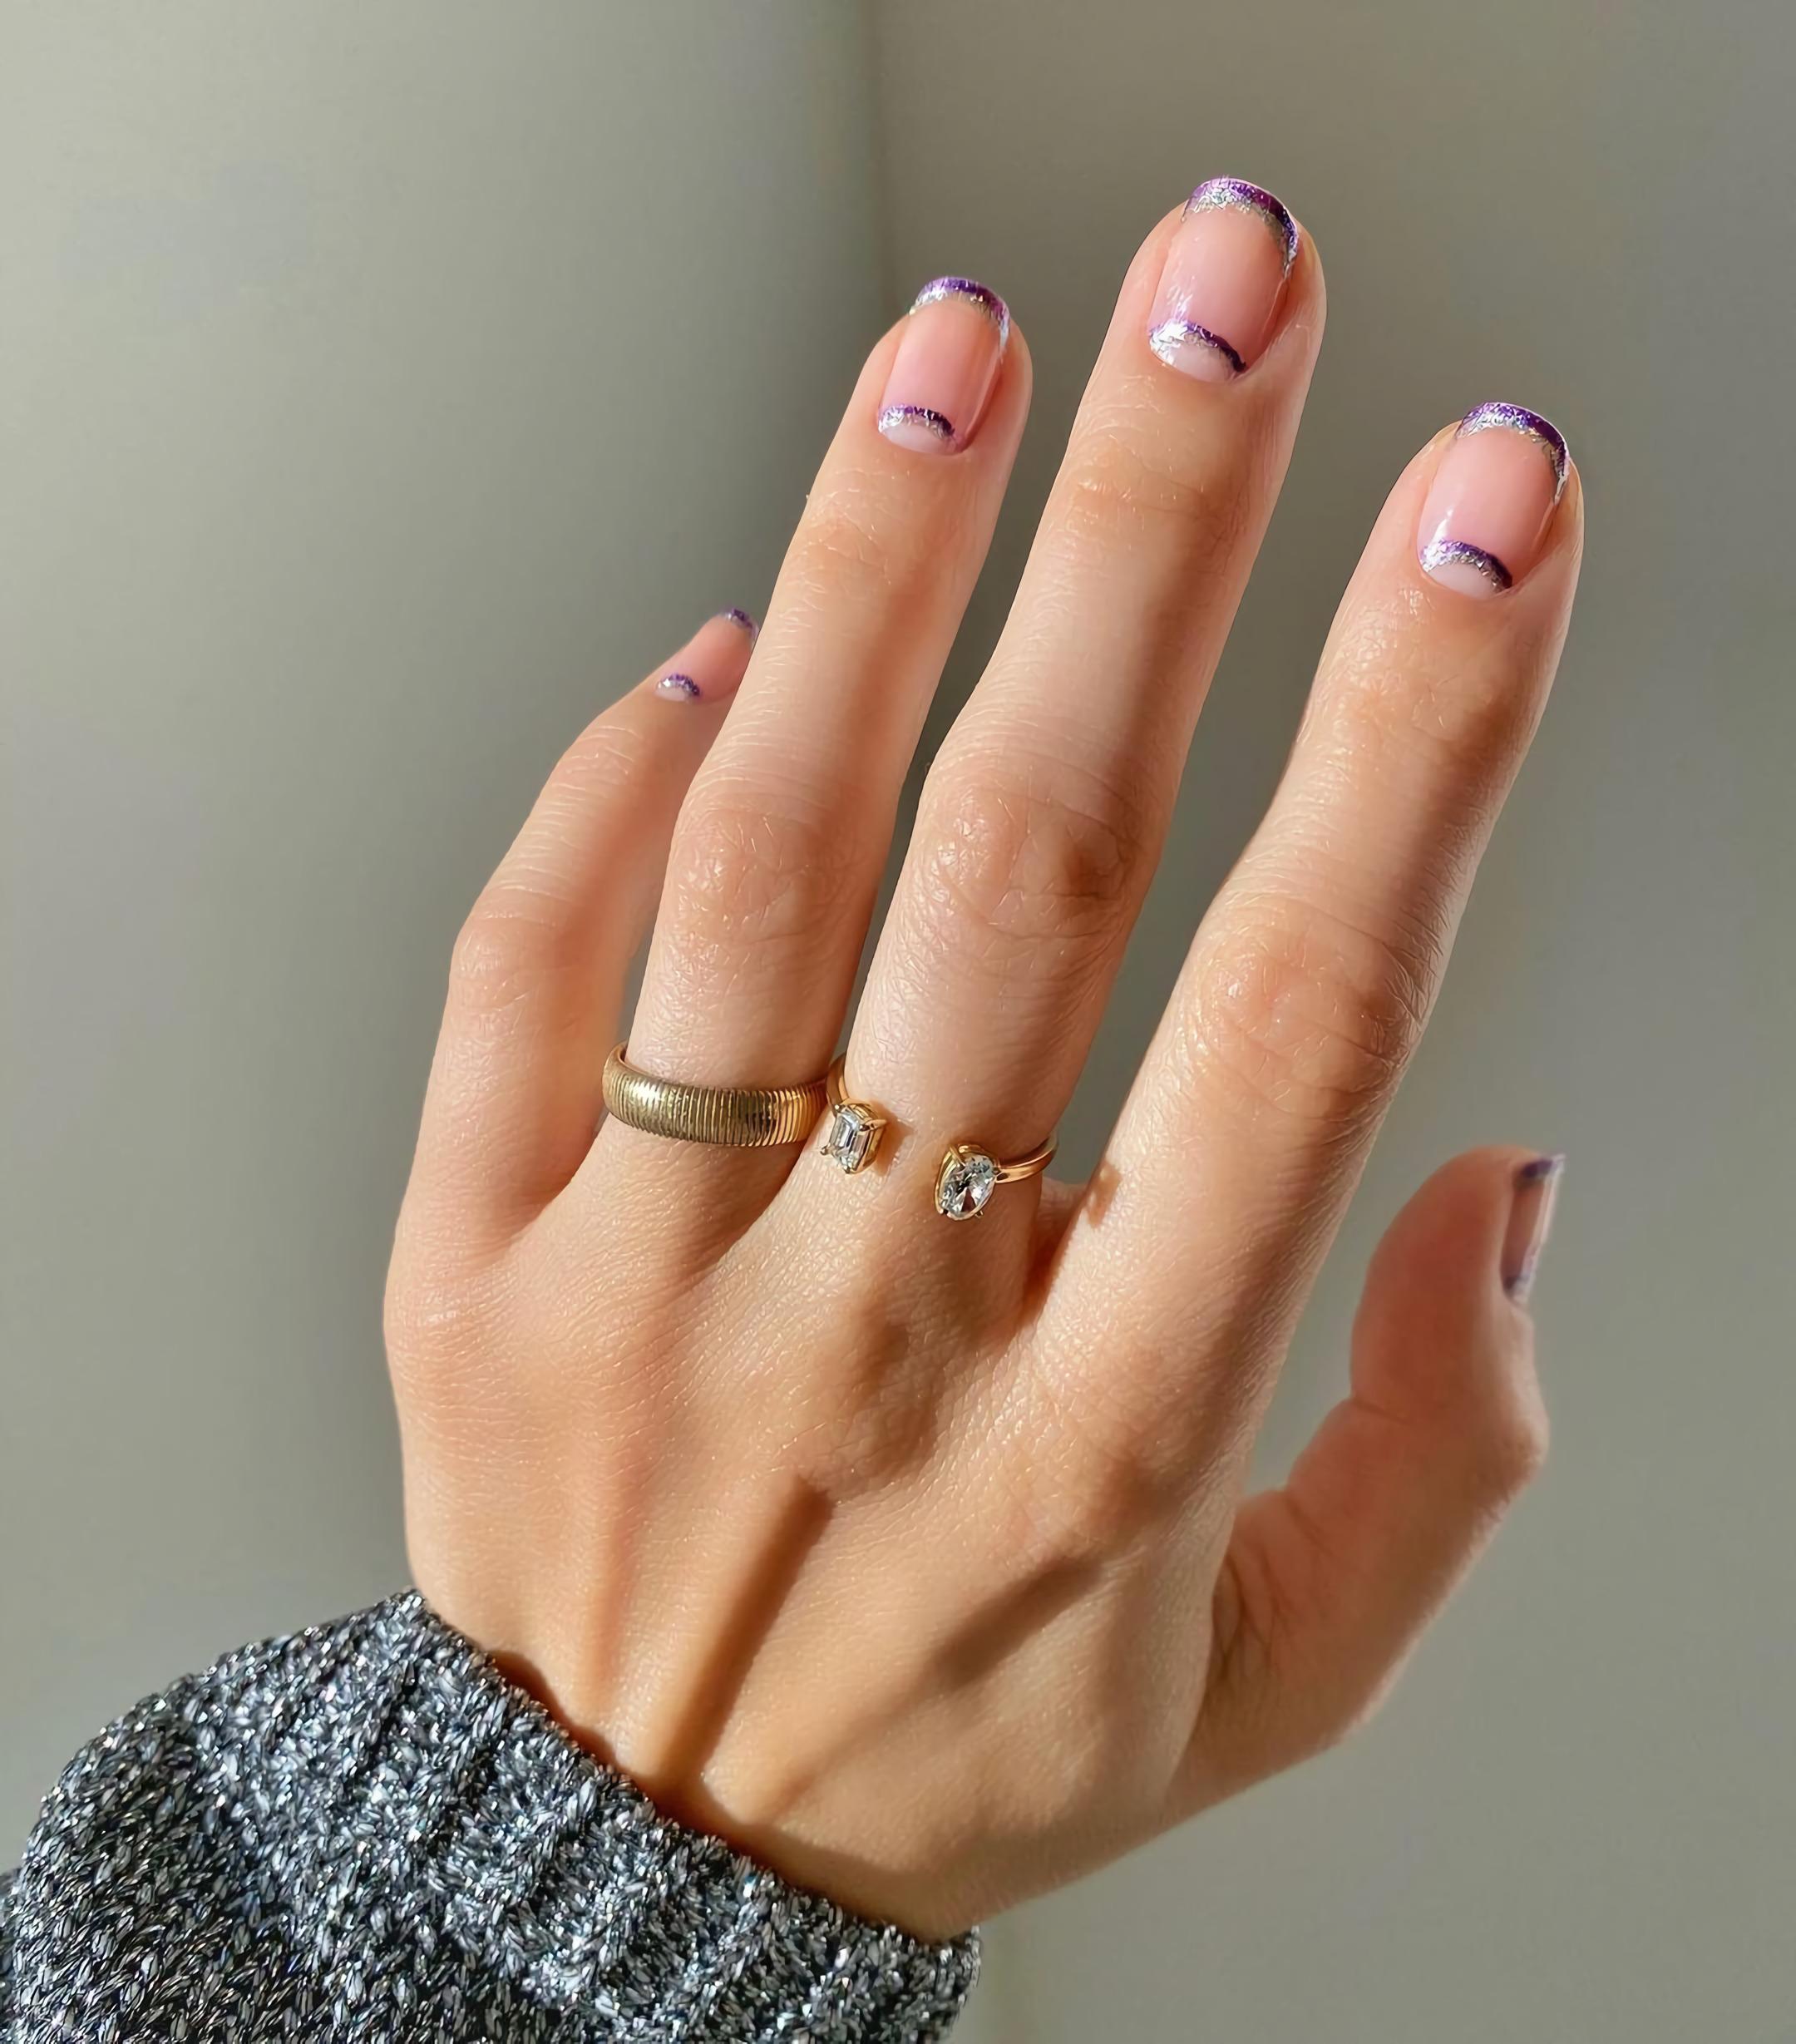 Маленькие французские ногти